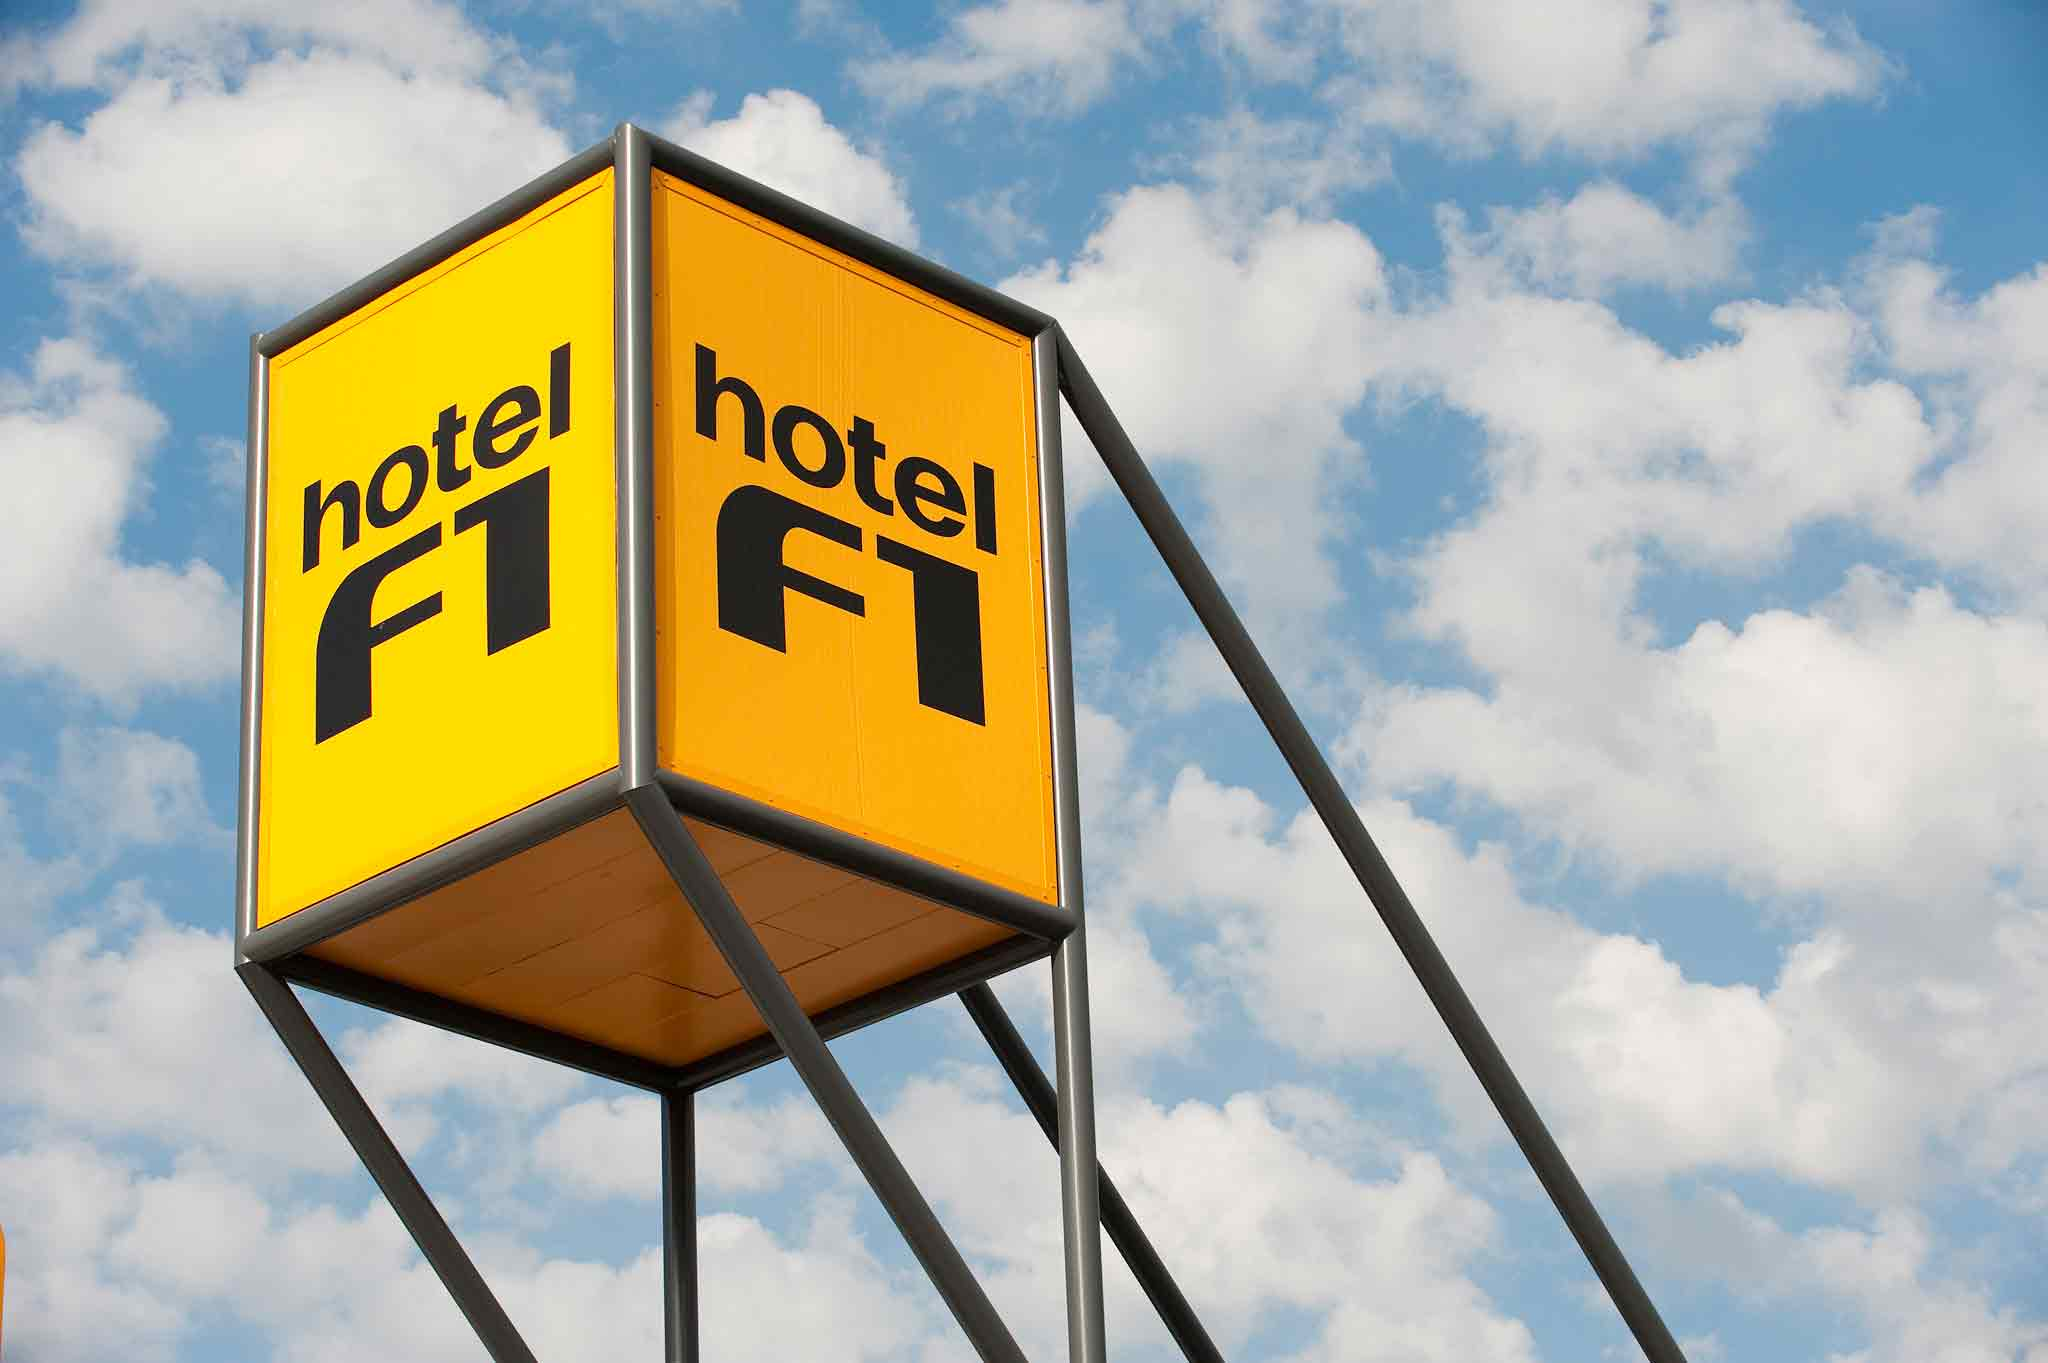 Otel – hotelF1 Villeparisis